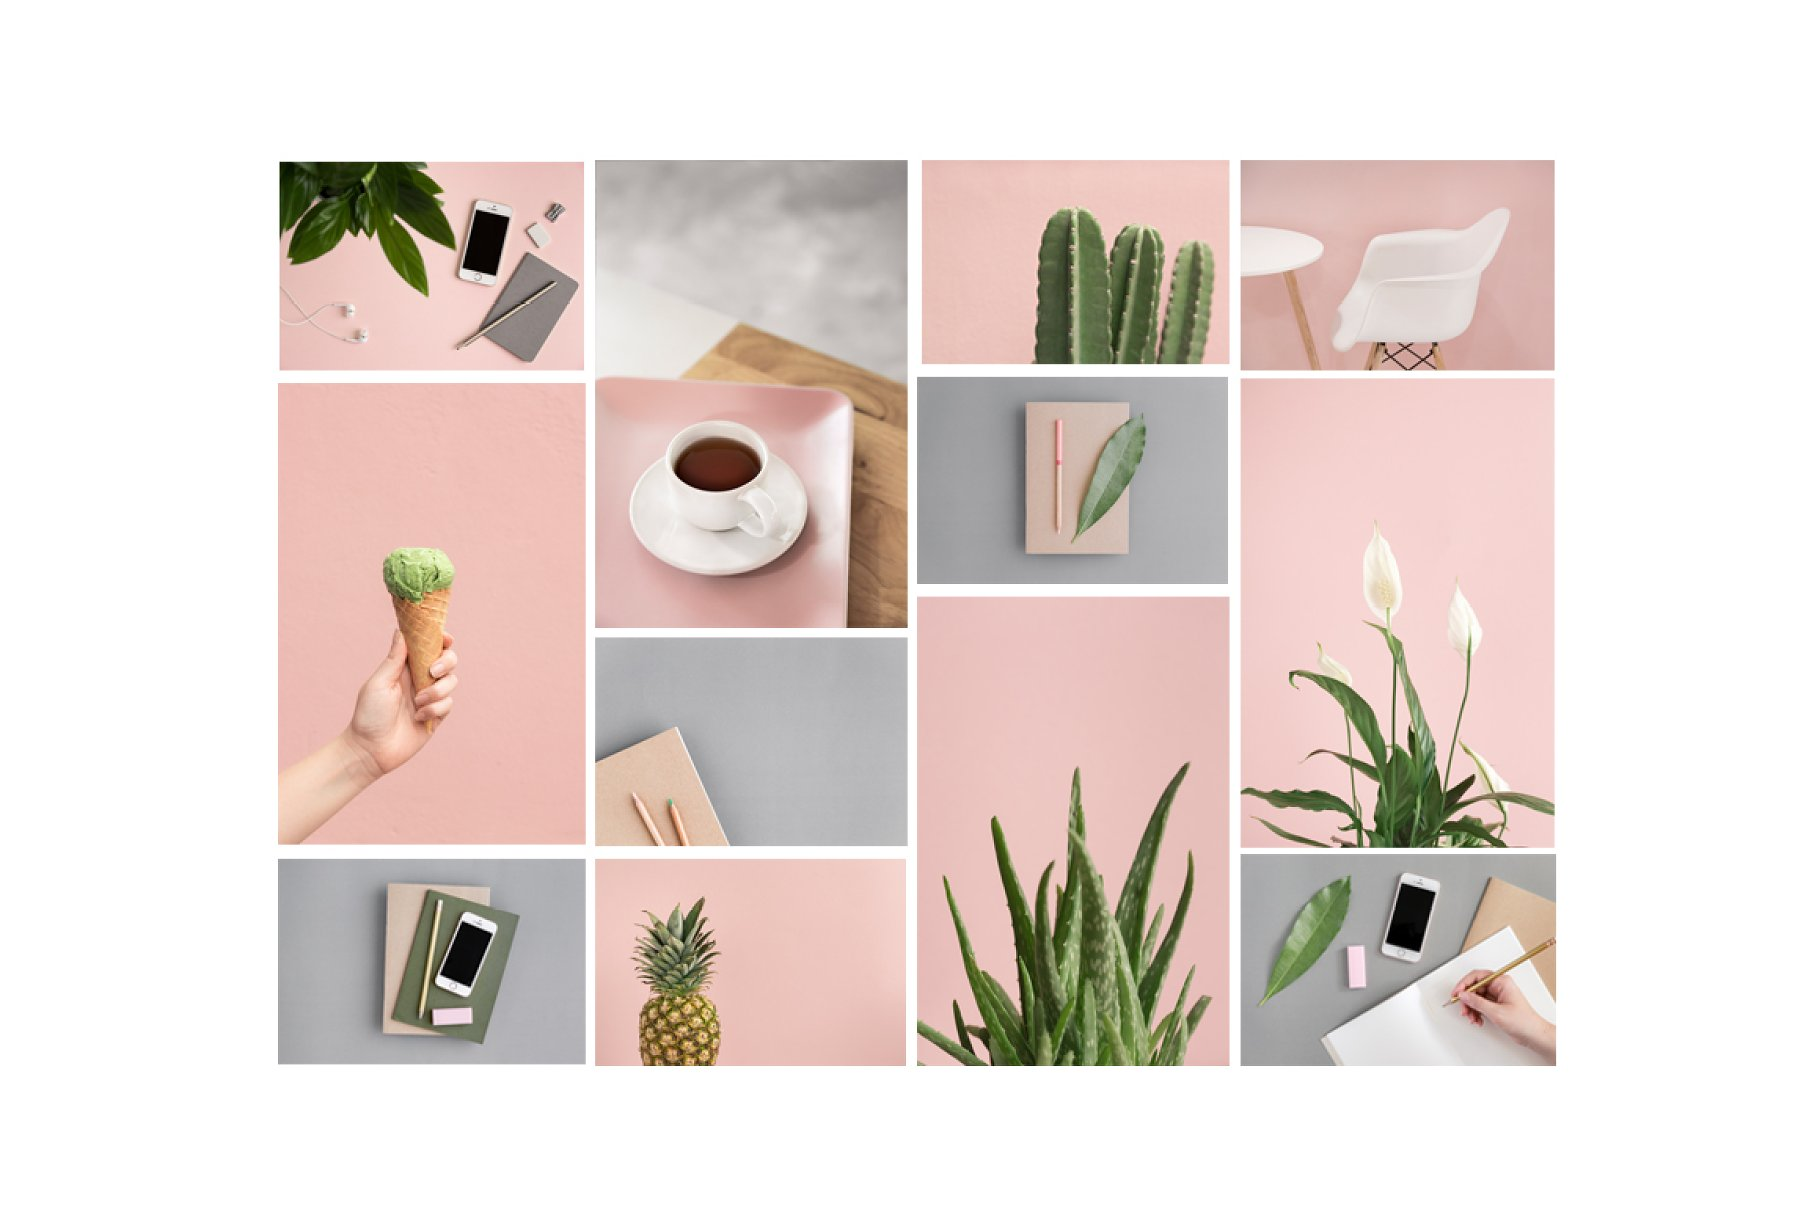 粉色柔和自适应网站界面设计苹果设备屏幕演示样机 Pink & Botanical Stock Photo Bundle插图1